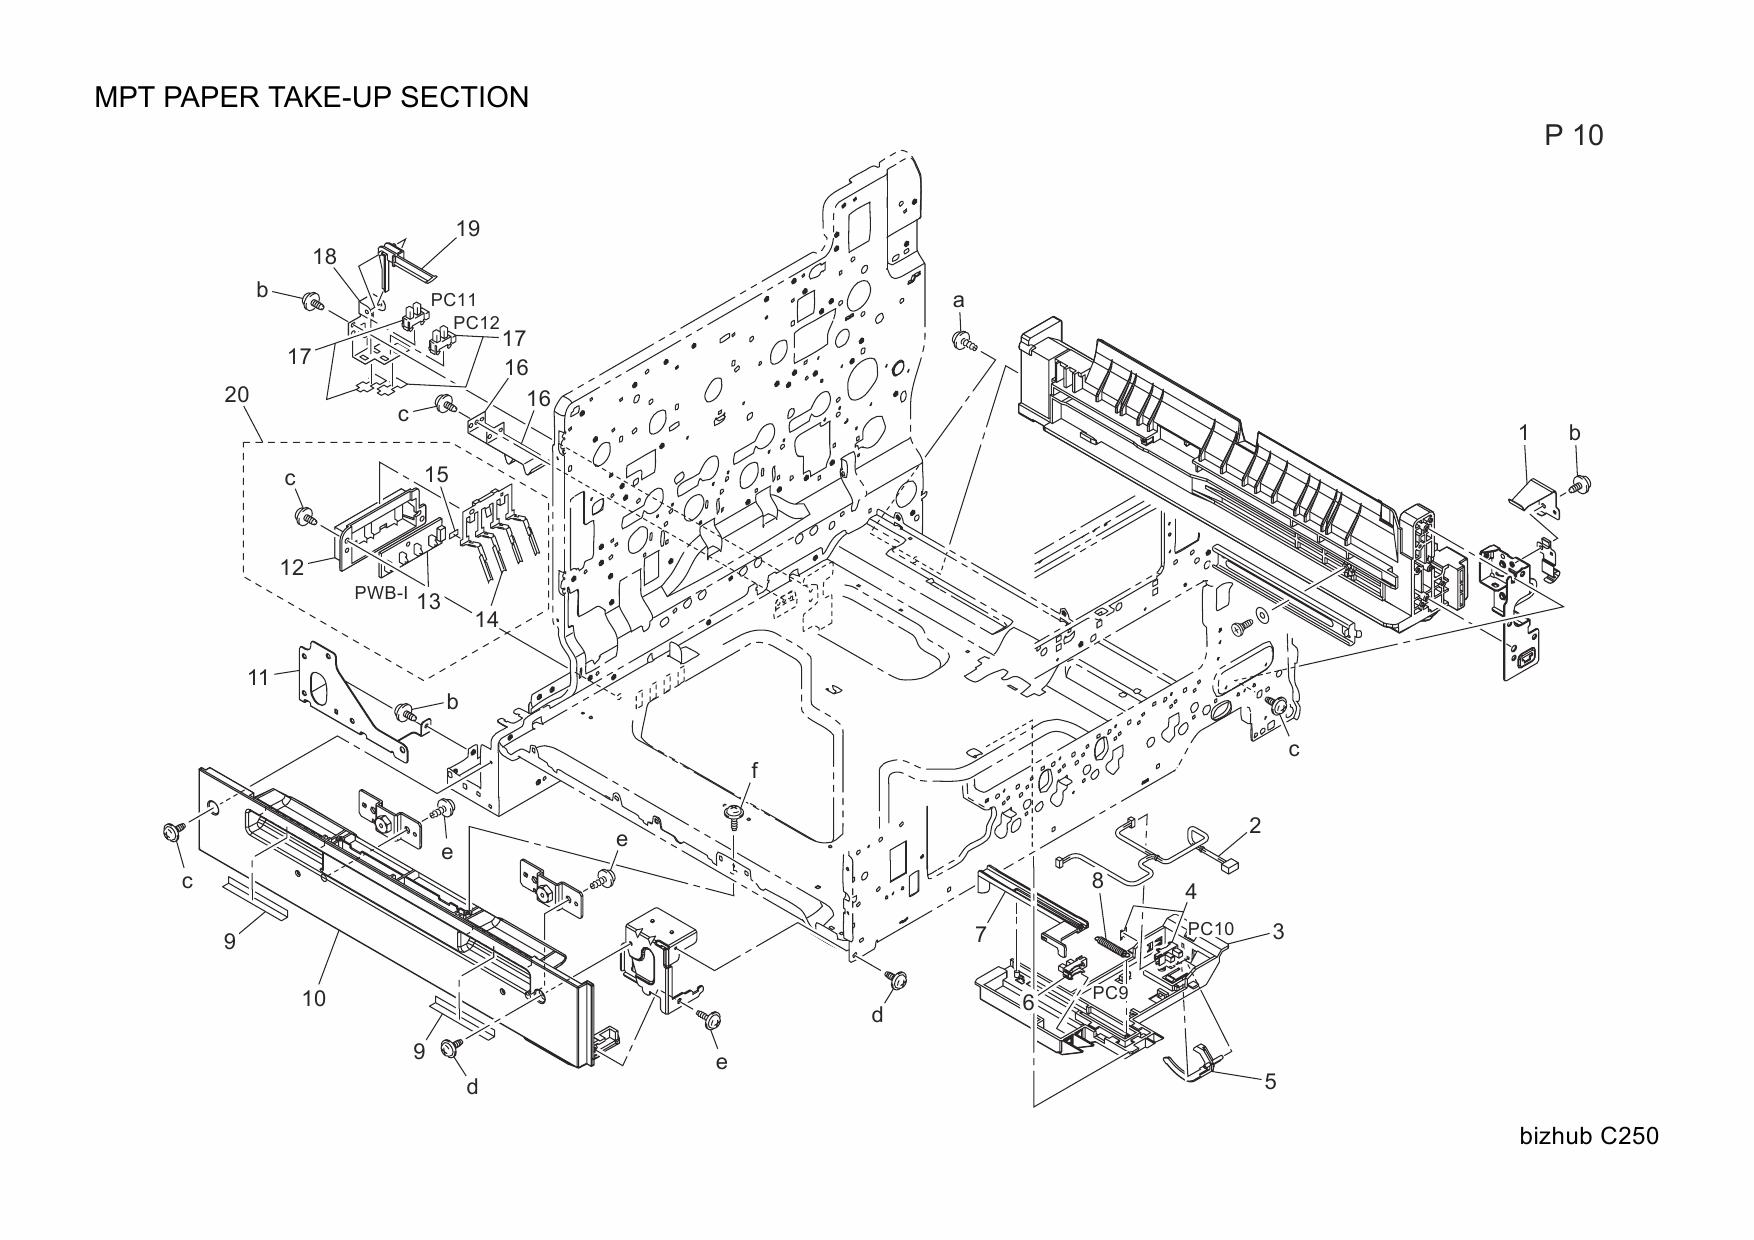 konica minolta bizhub c250 parts manual rh qmanual com bizhub 250 parts manual bizhub 250 parts catalog